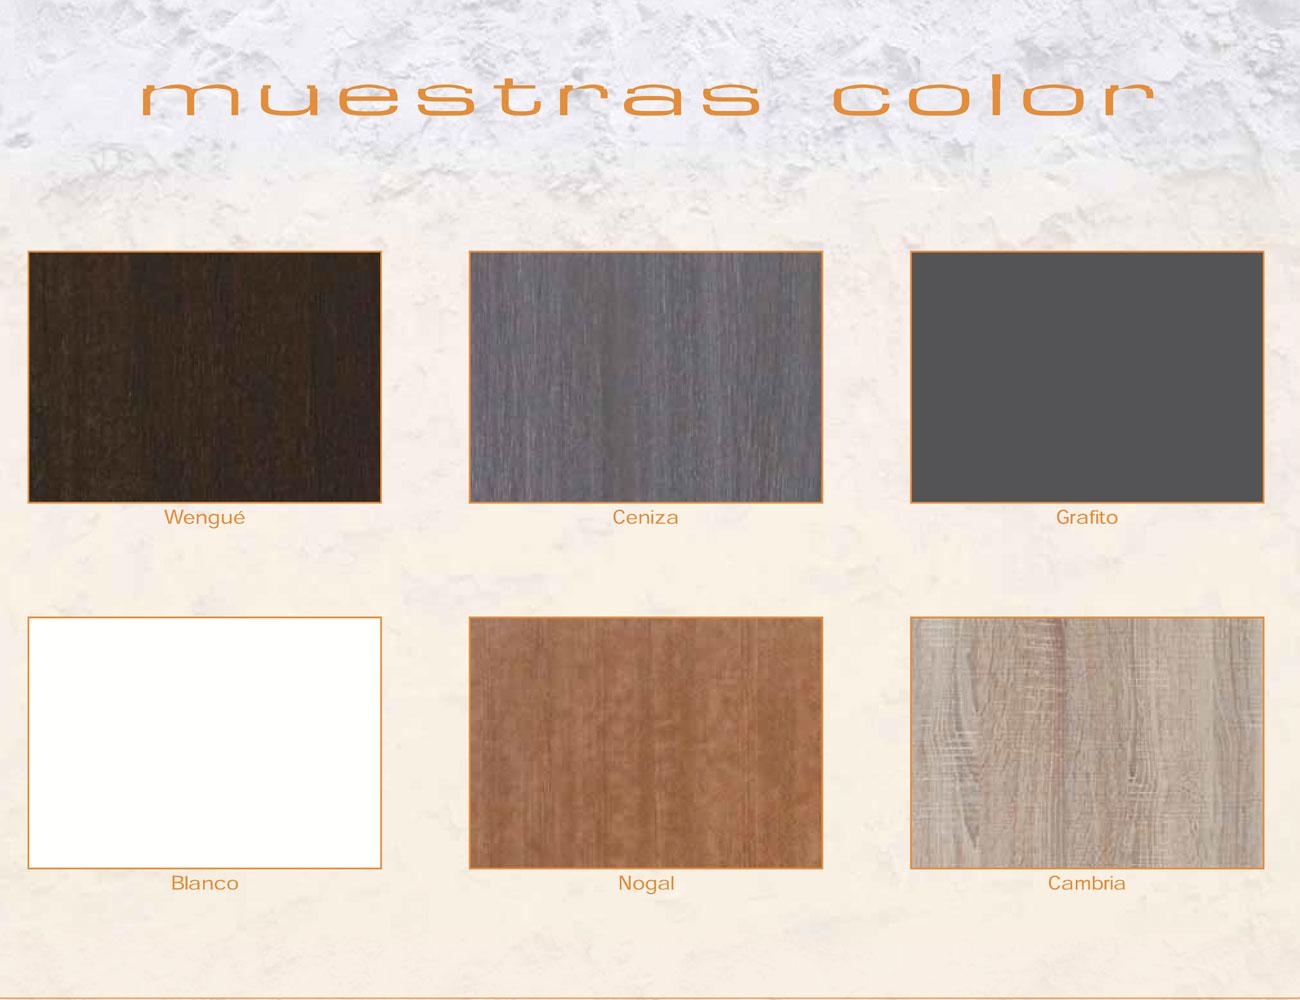 Muestras color muebles expo12